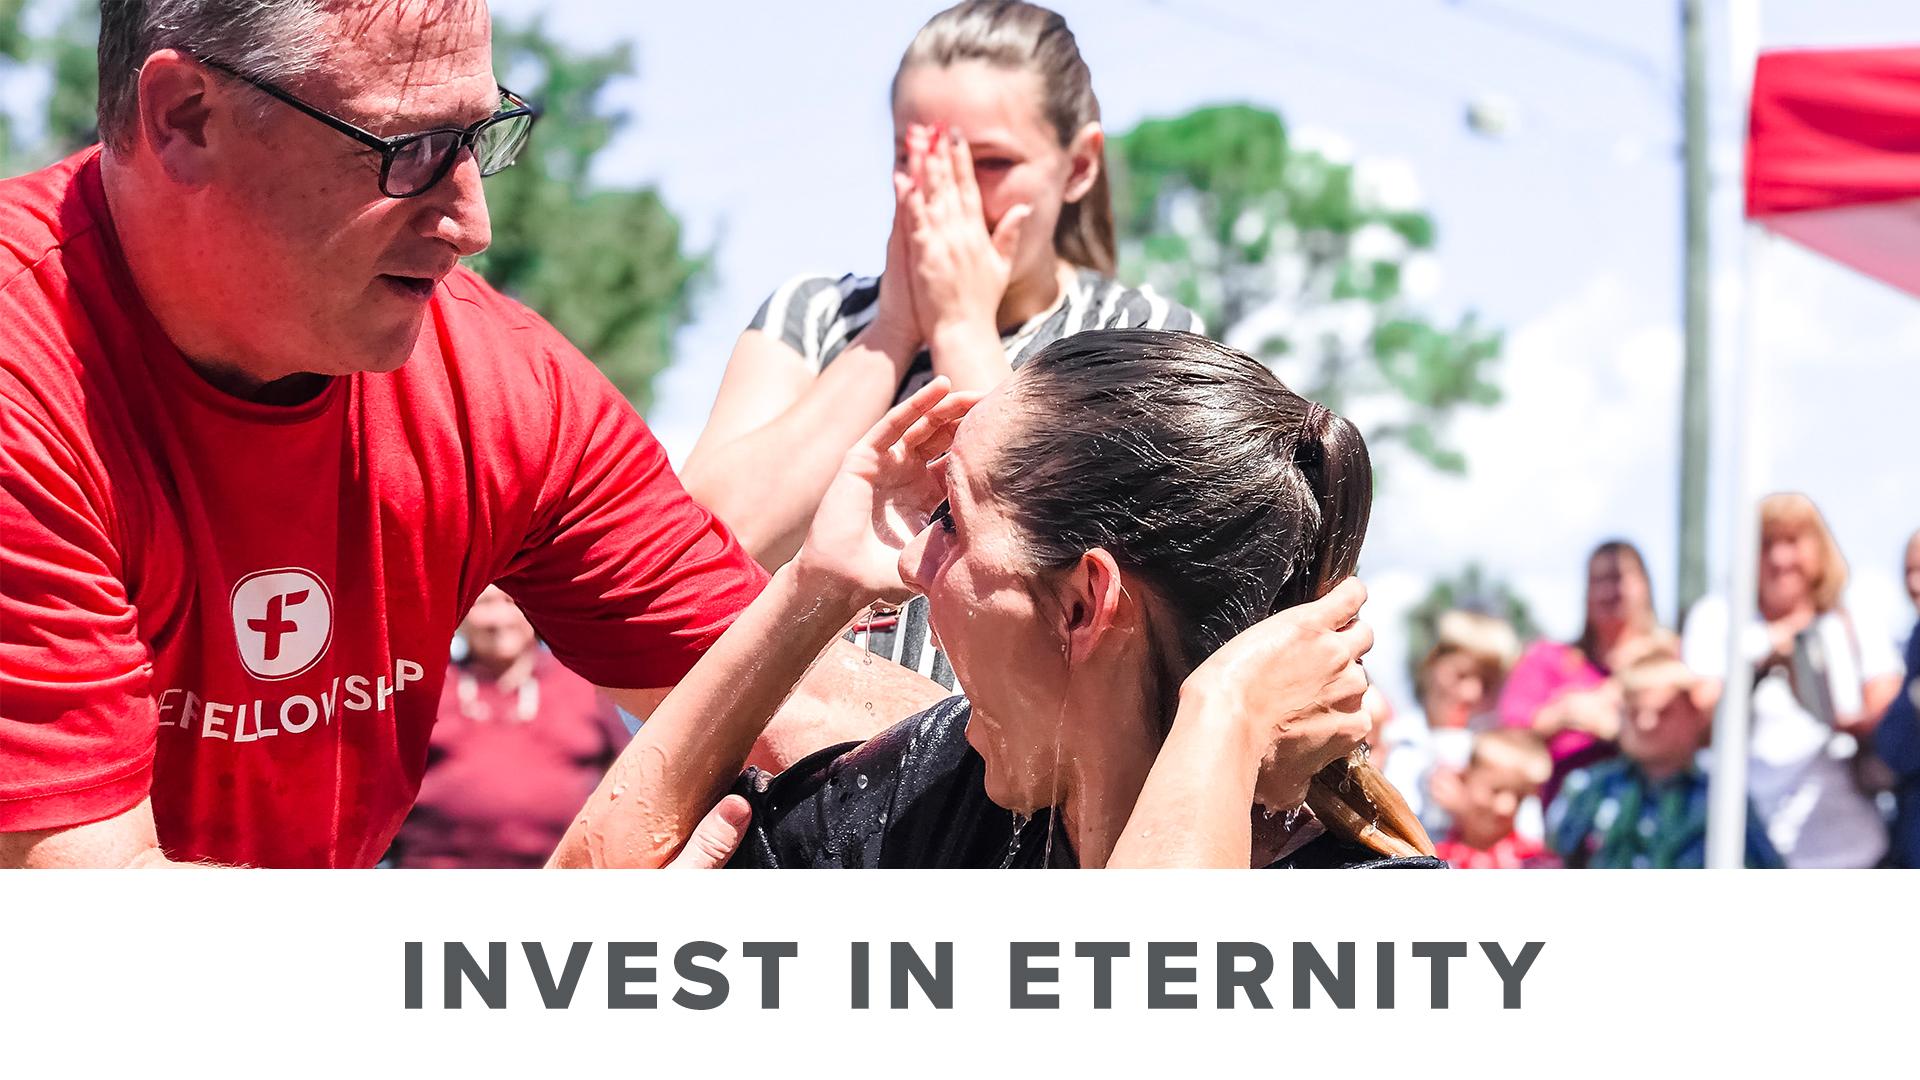 InvestinEternity.jpg